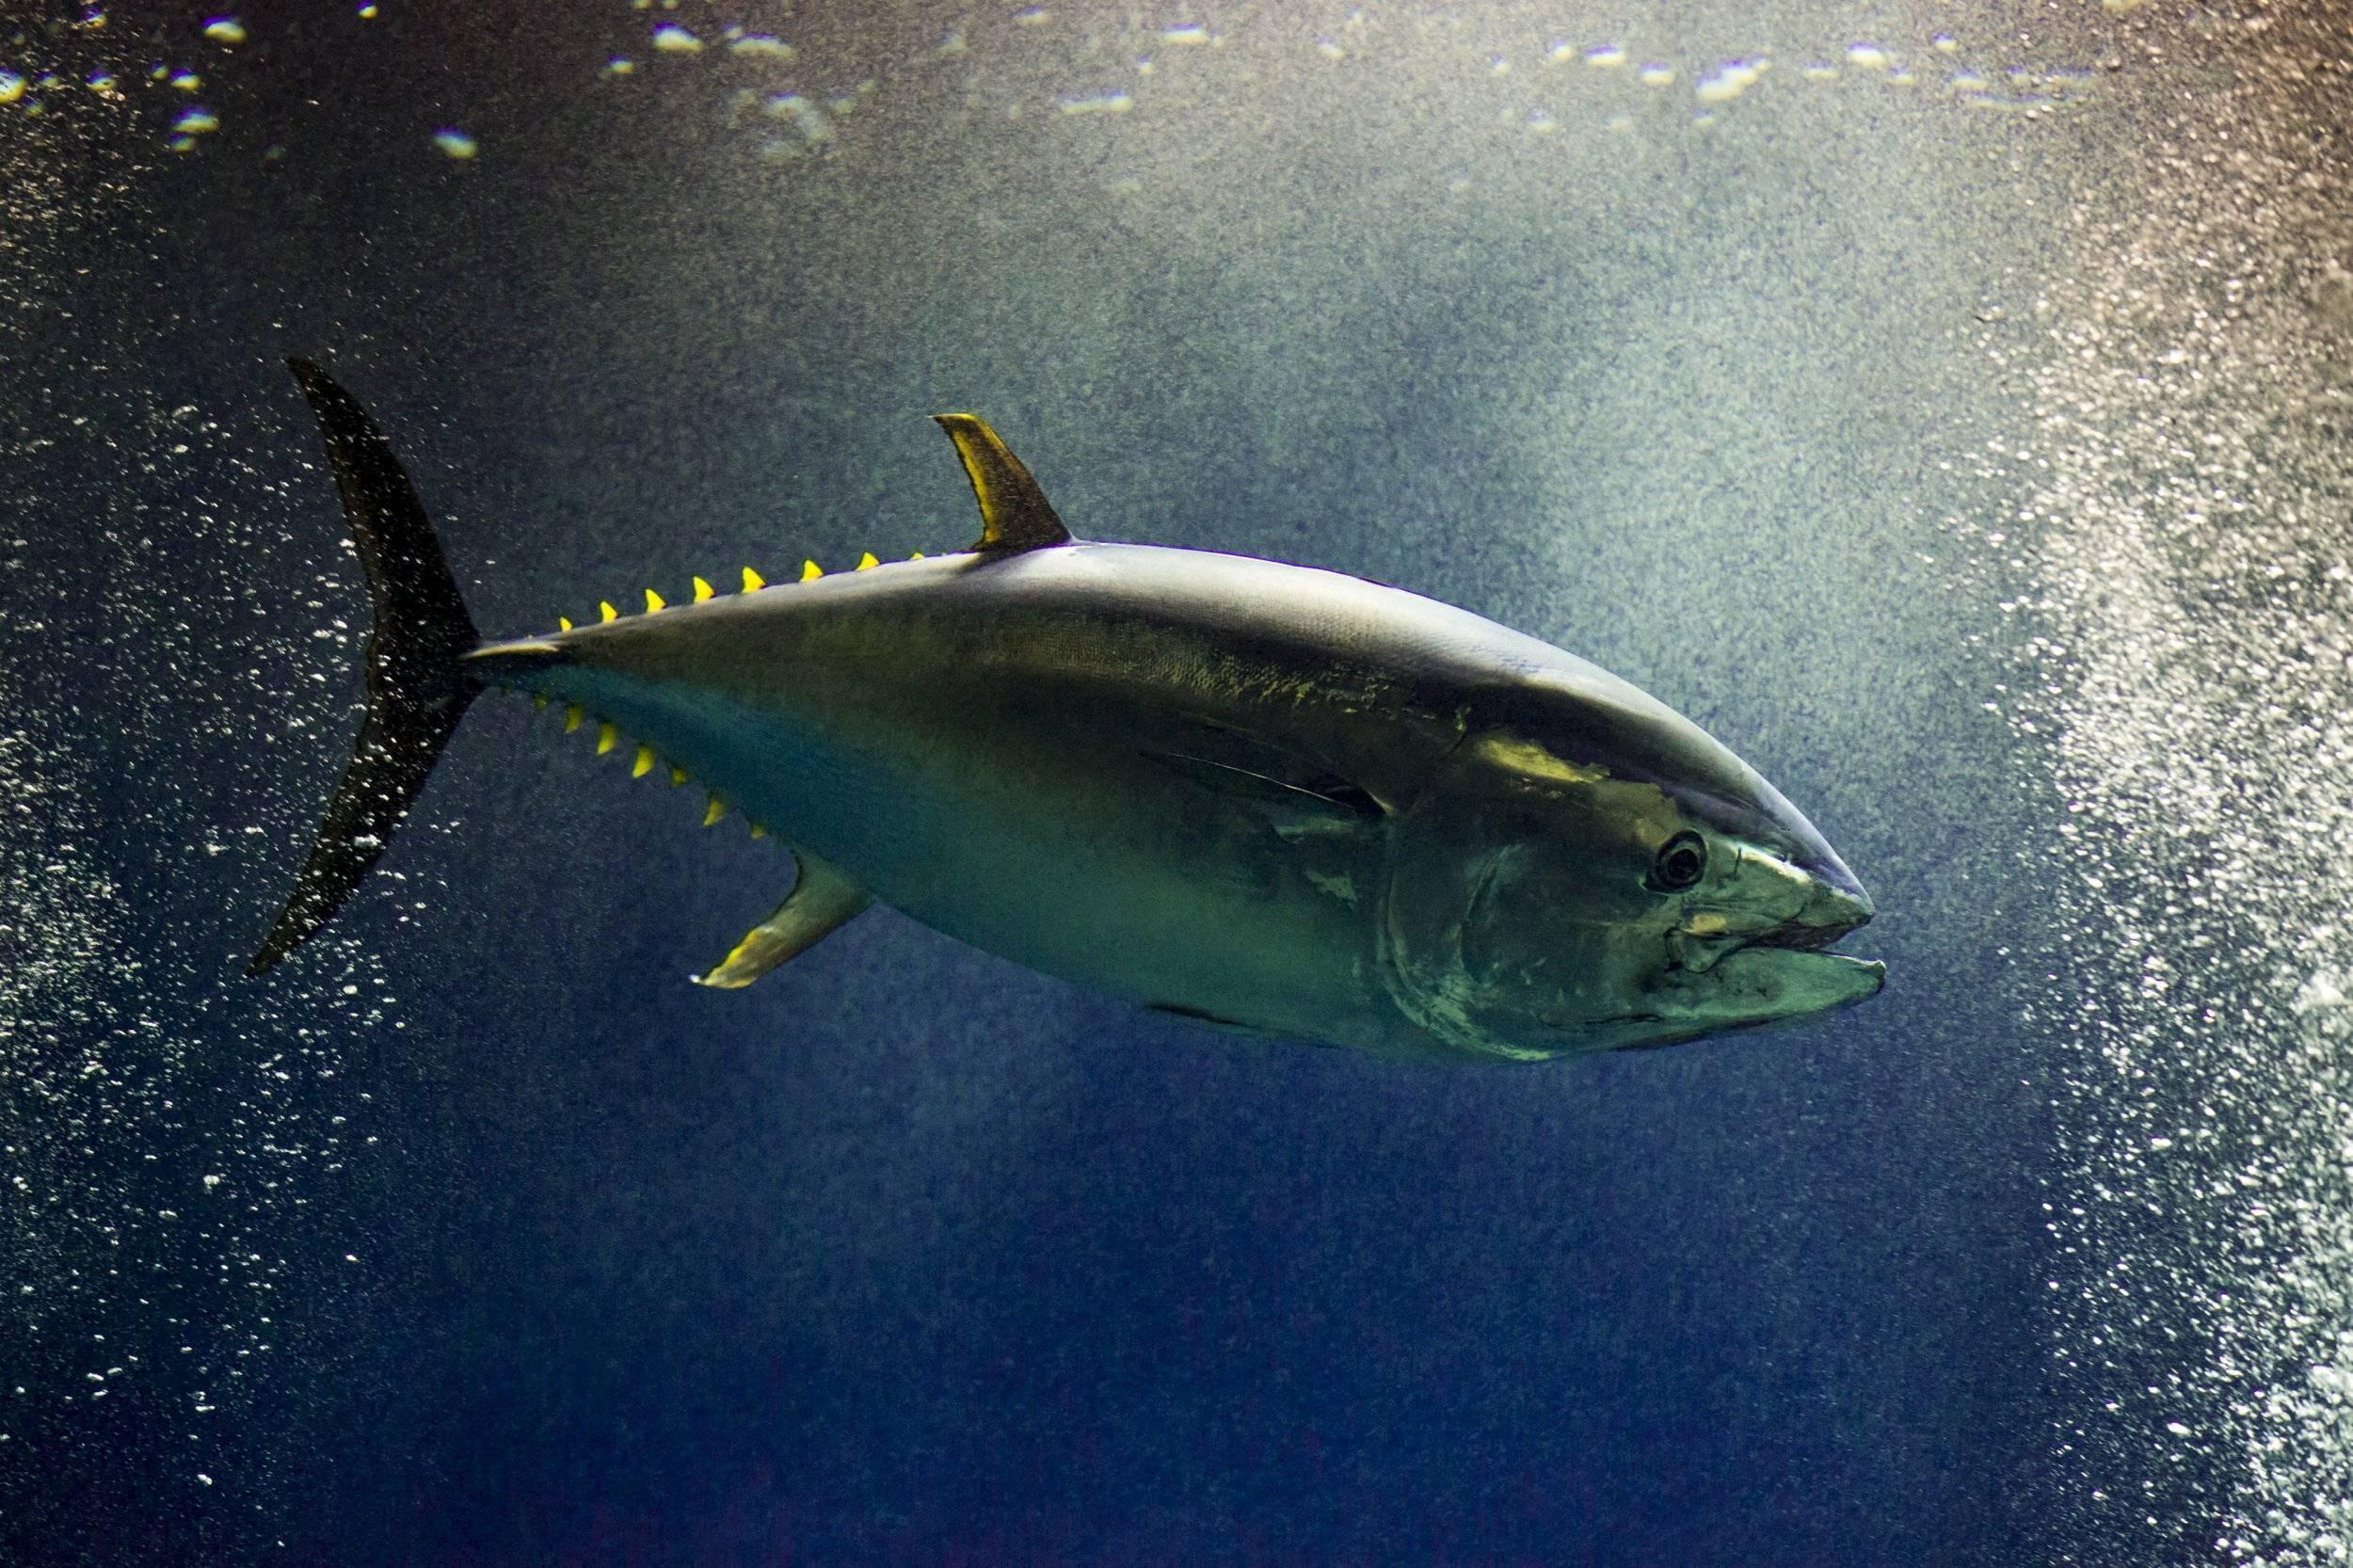 Тунец морская рыба или речная рыба. внешний вид и особенности | здоровье человека